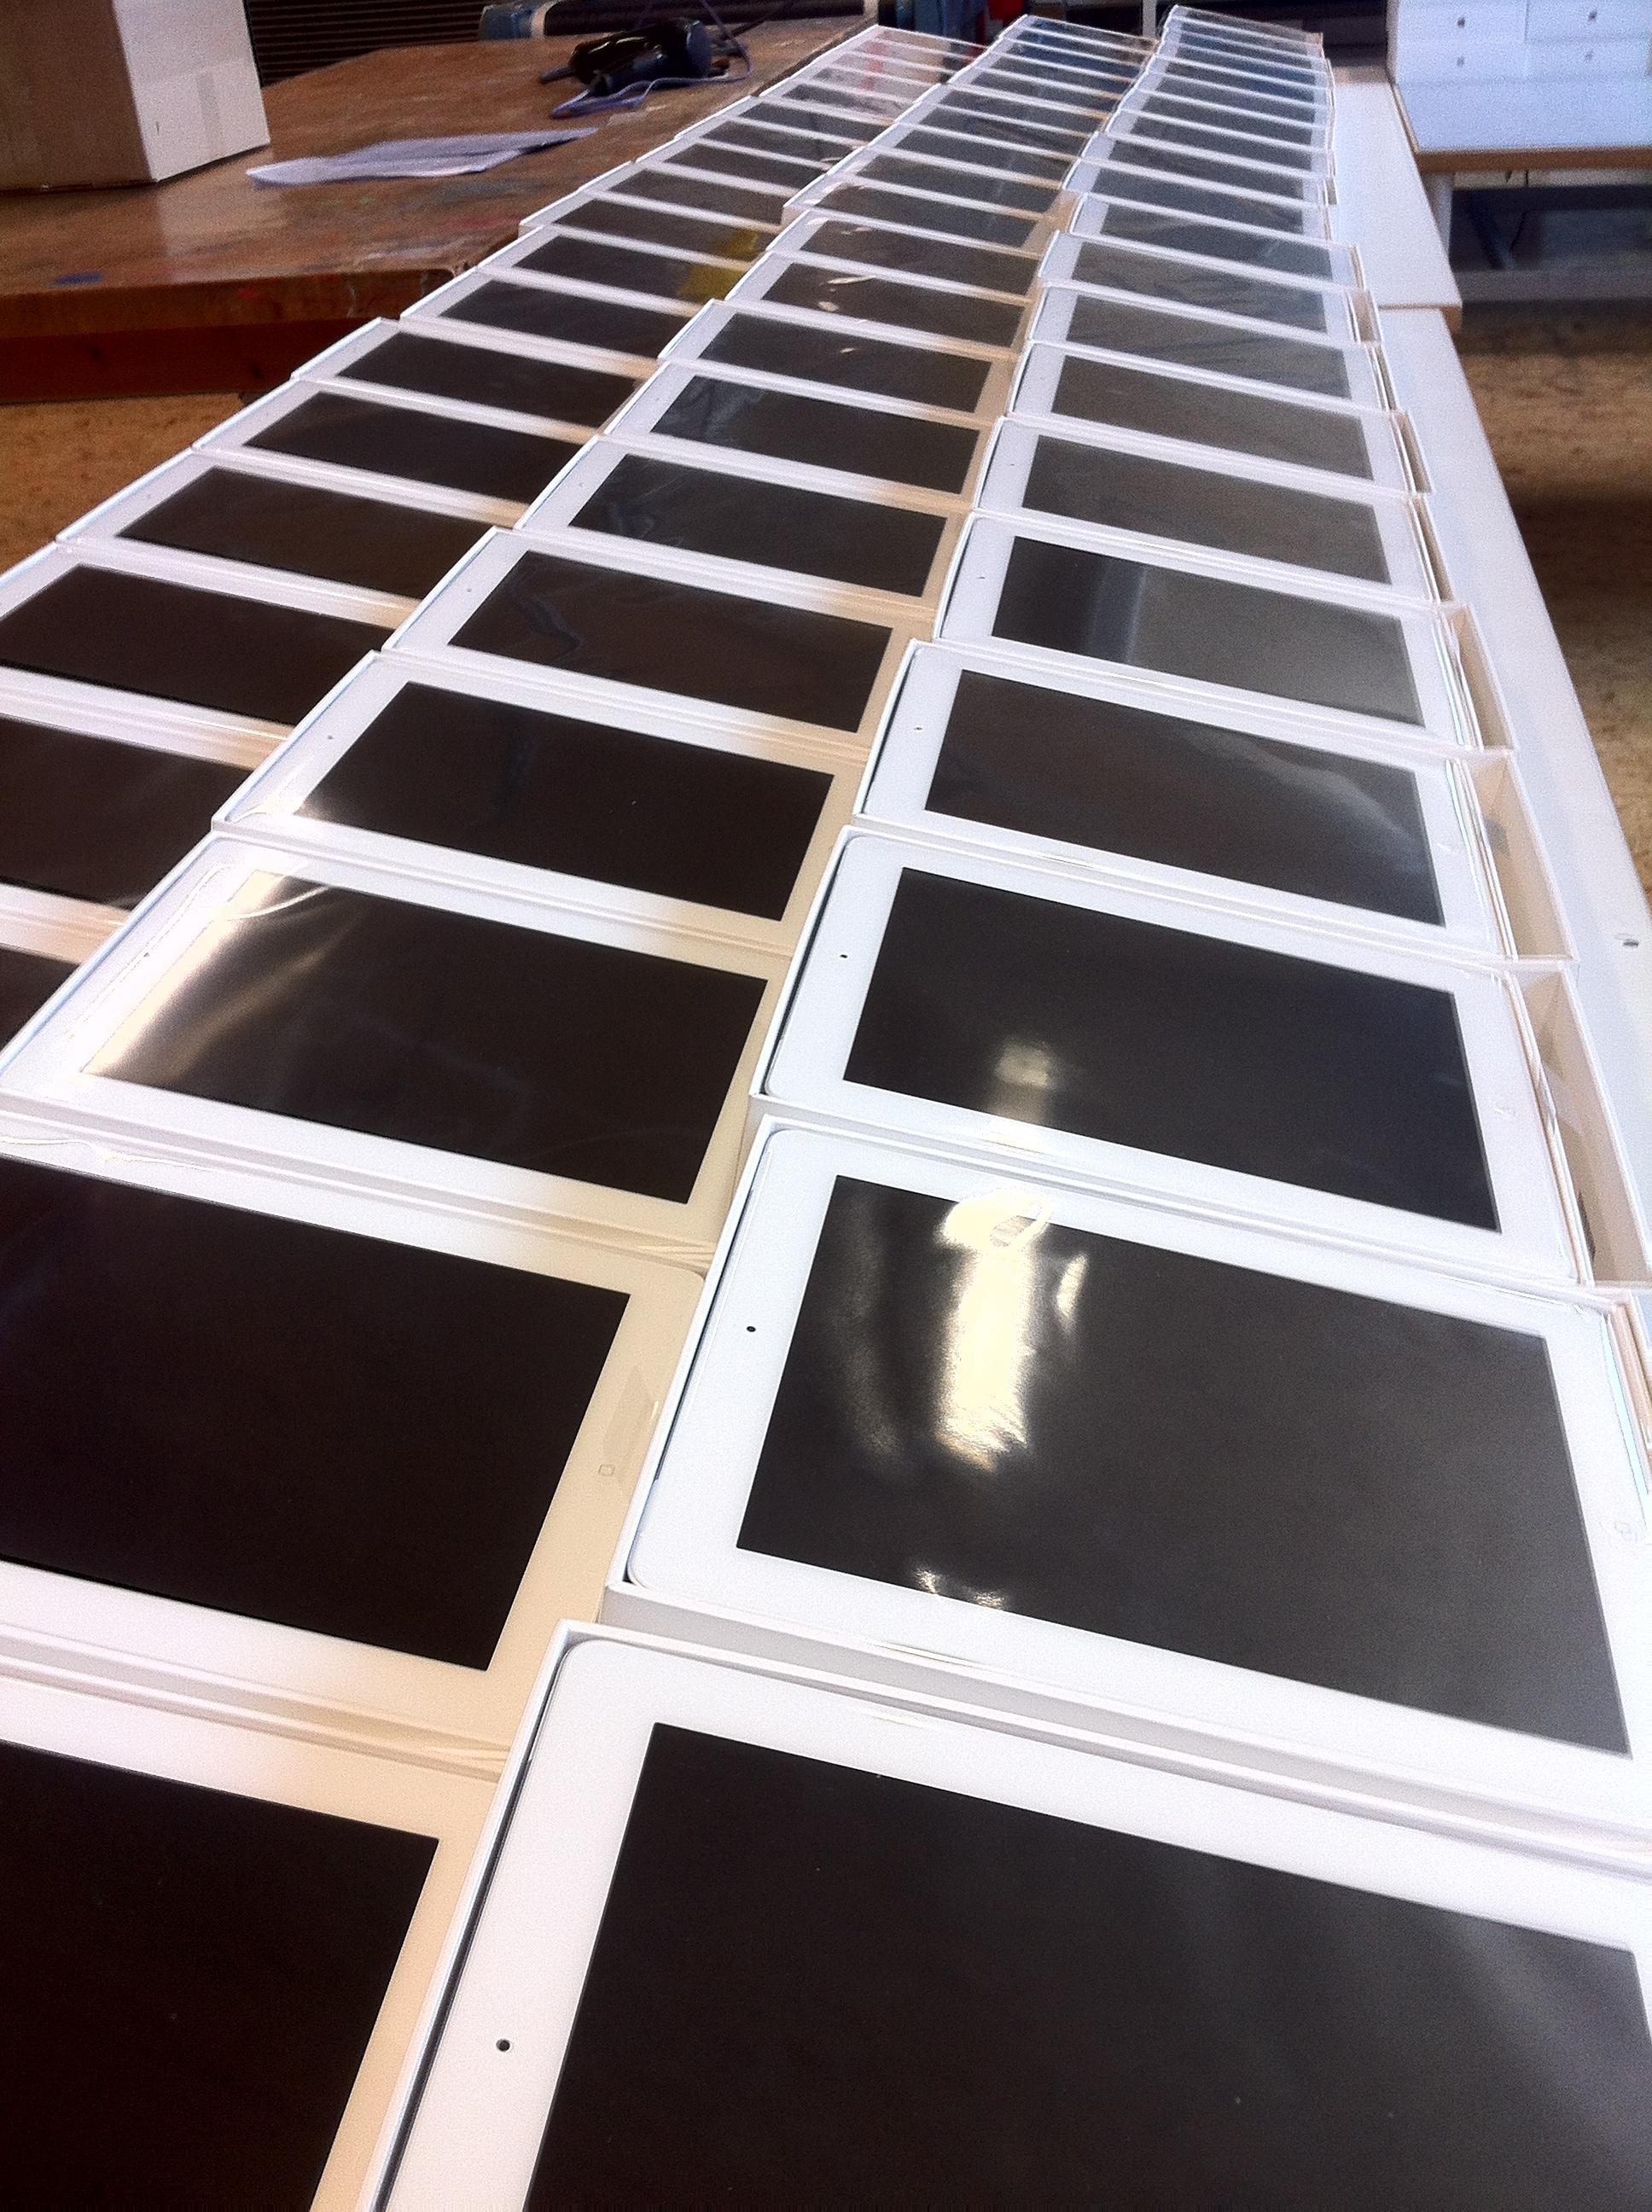 iPads aufgereiht in Produktion